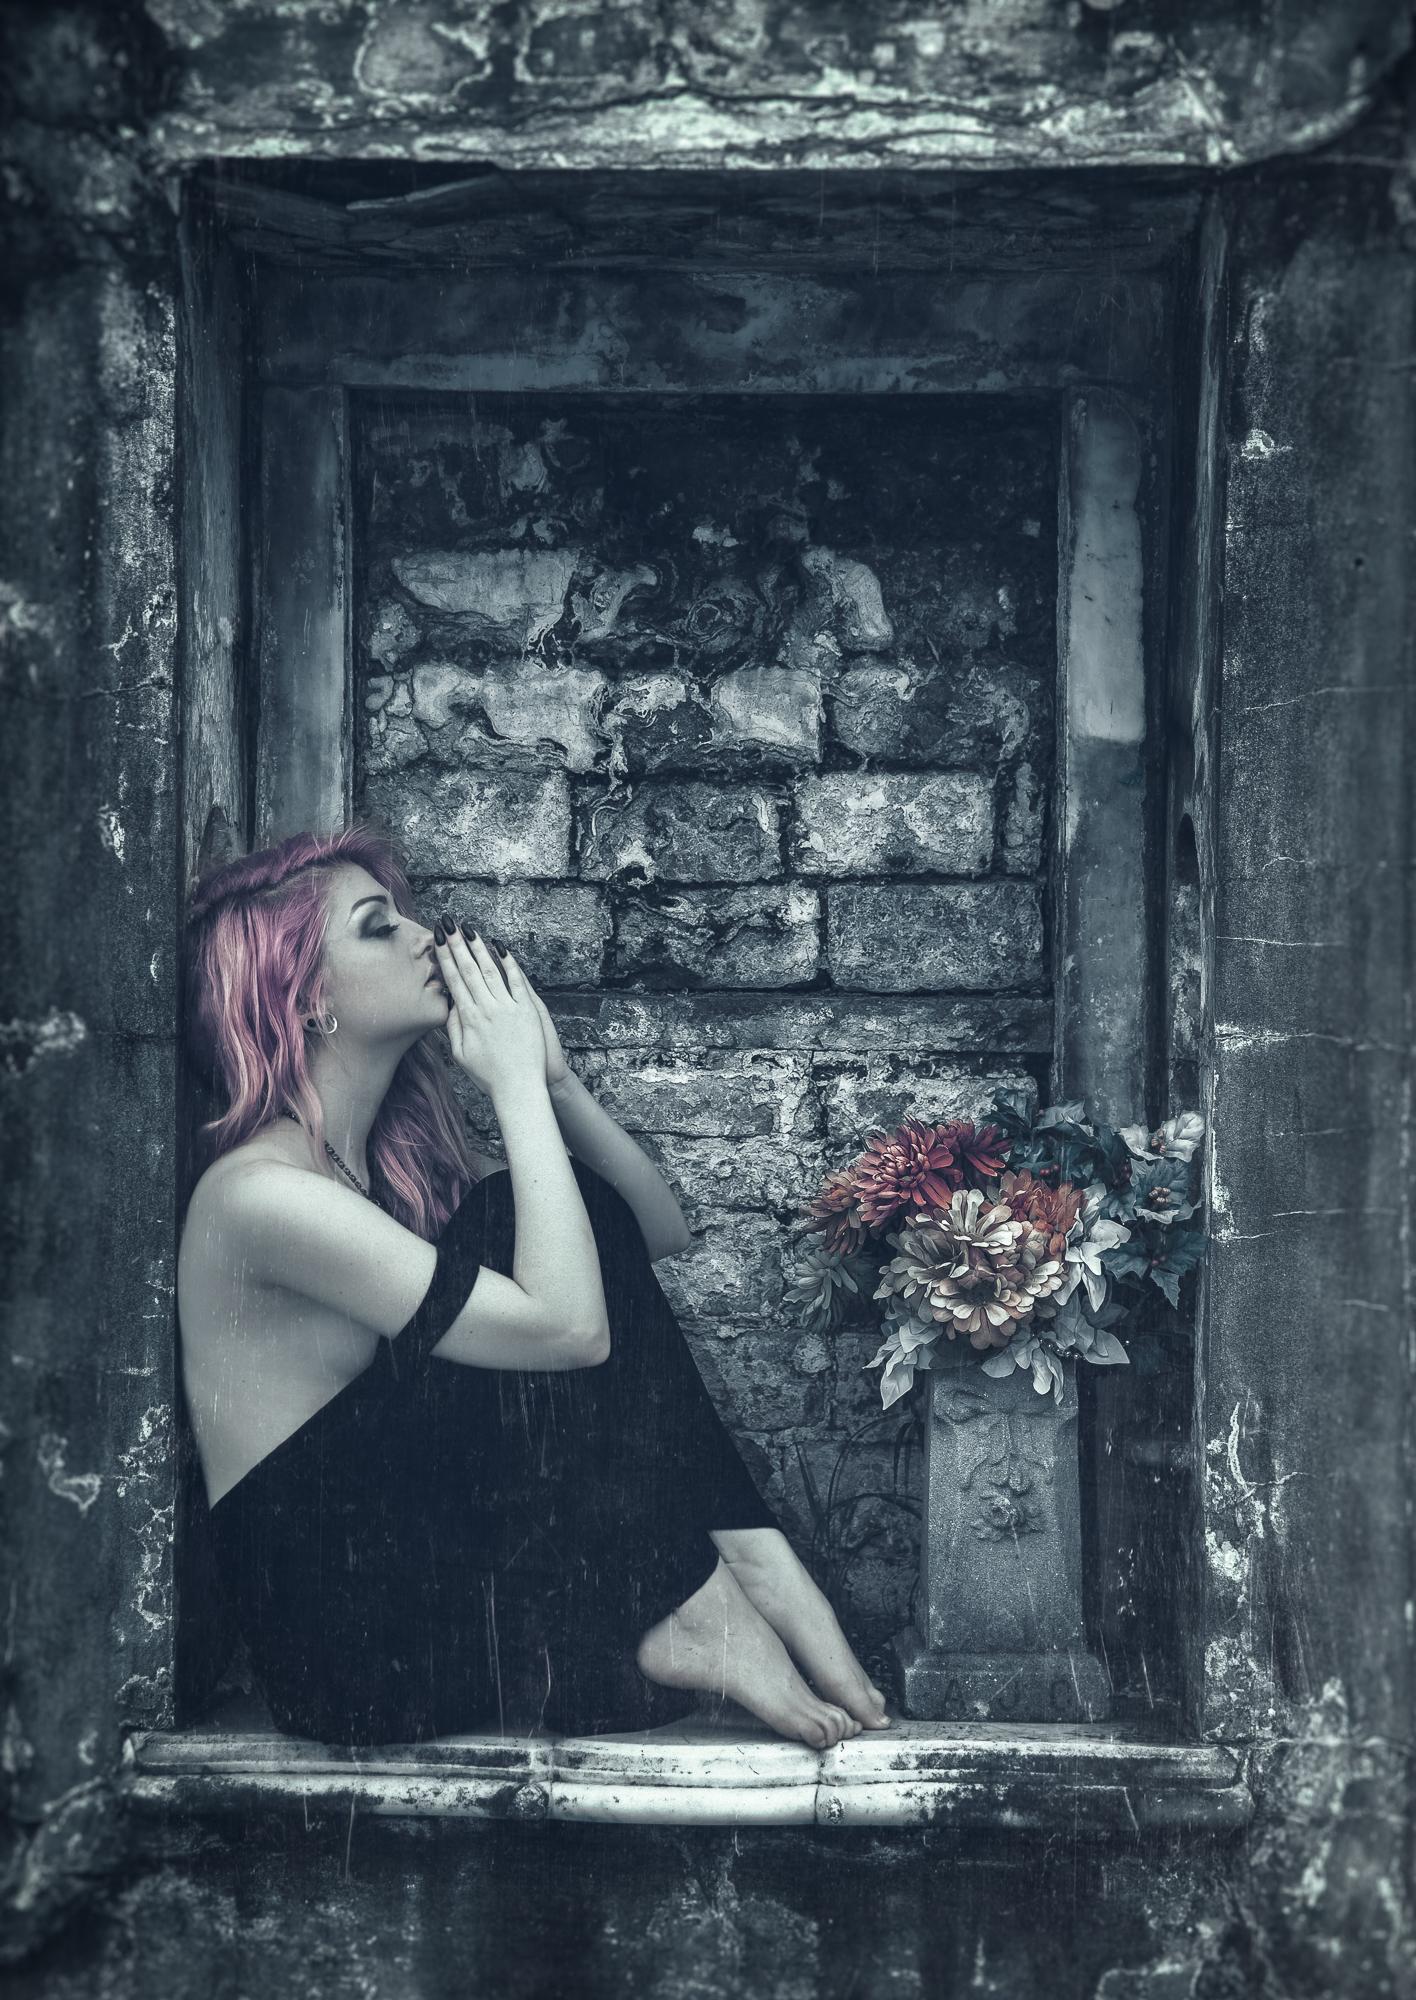 Jason Busby Photography - Sydney Myers Modeling